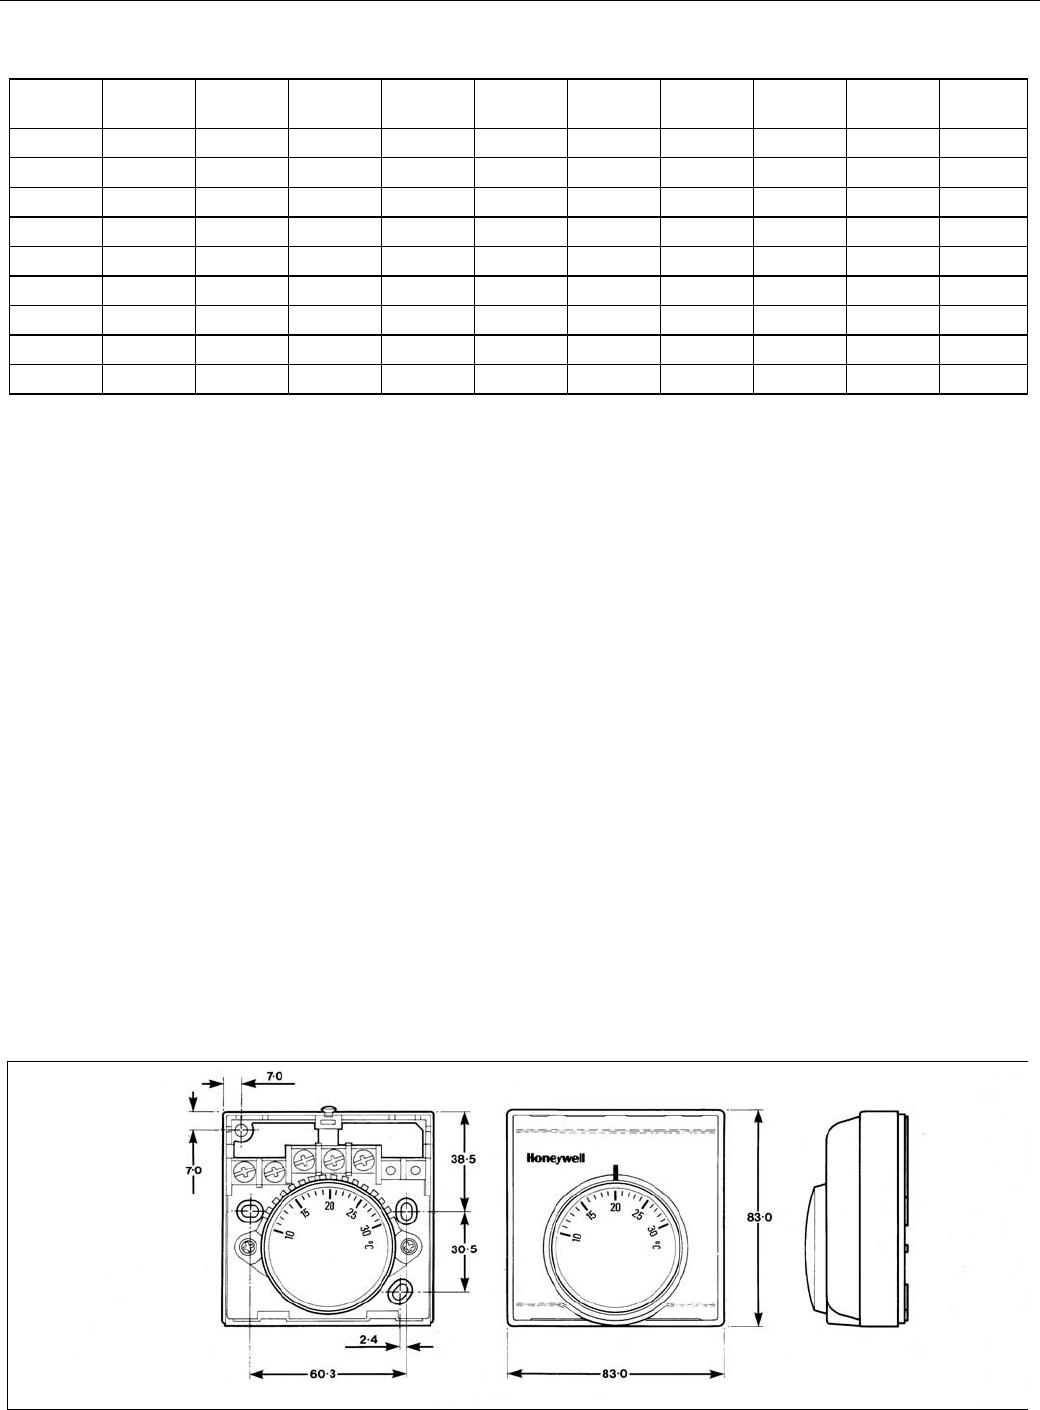 Benungsanleitung Honeywell T6360 (Seite 4 von 4) (Englisch) on